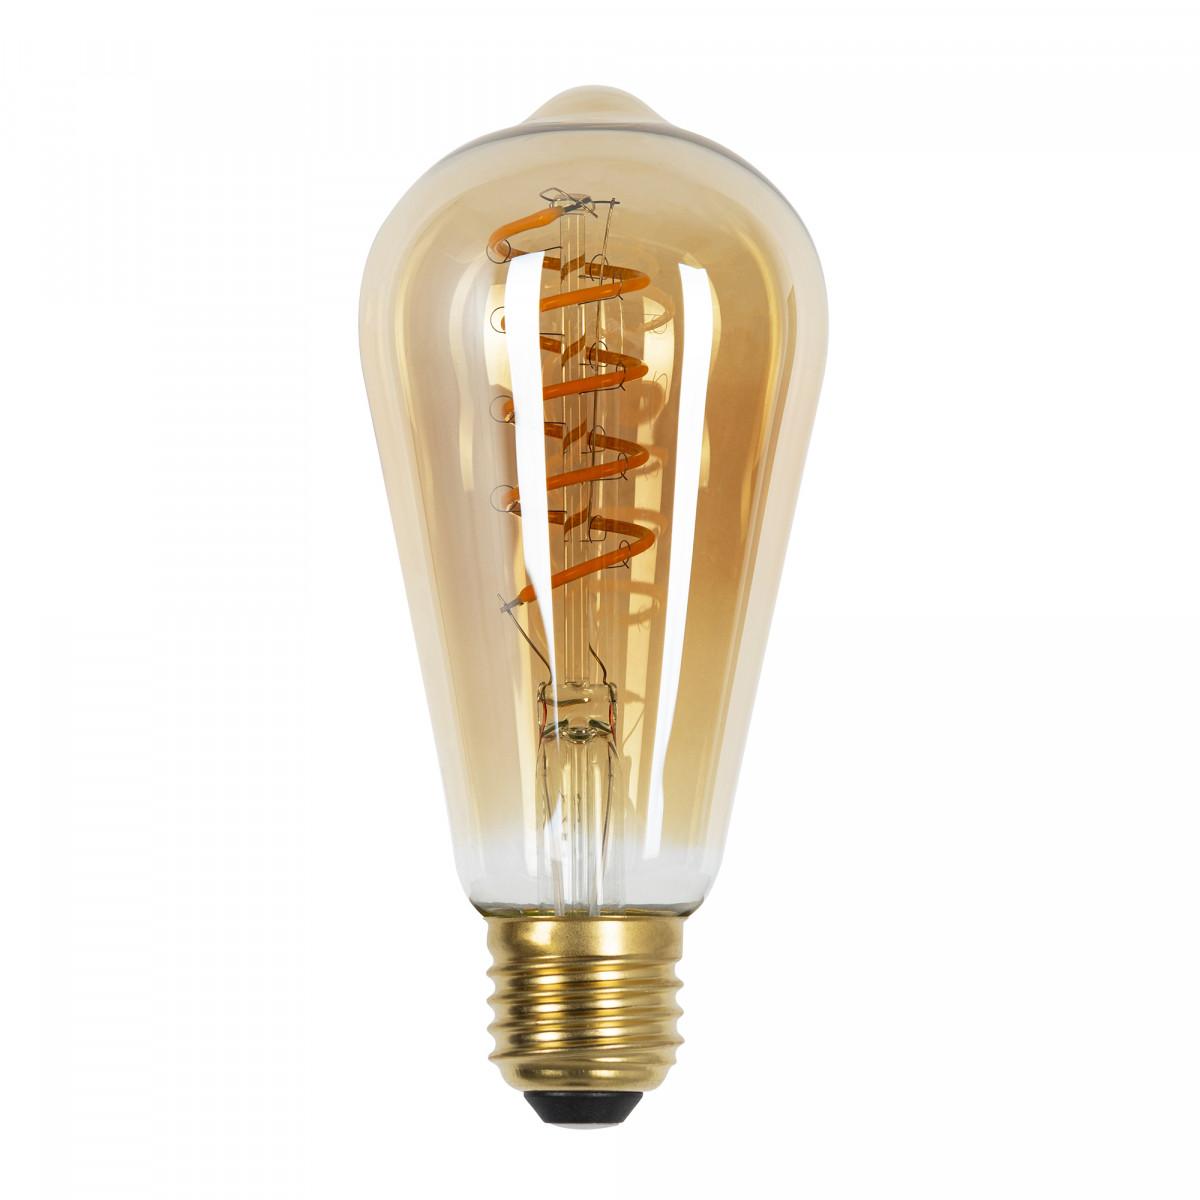 LED Leuchtmittel Rustic Spiral